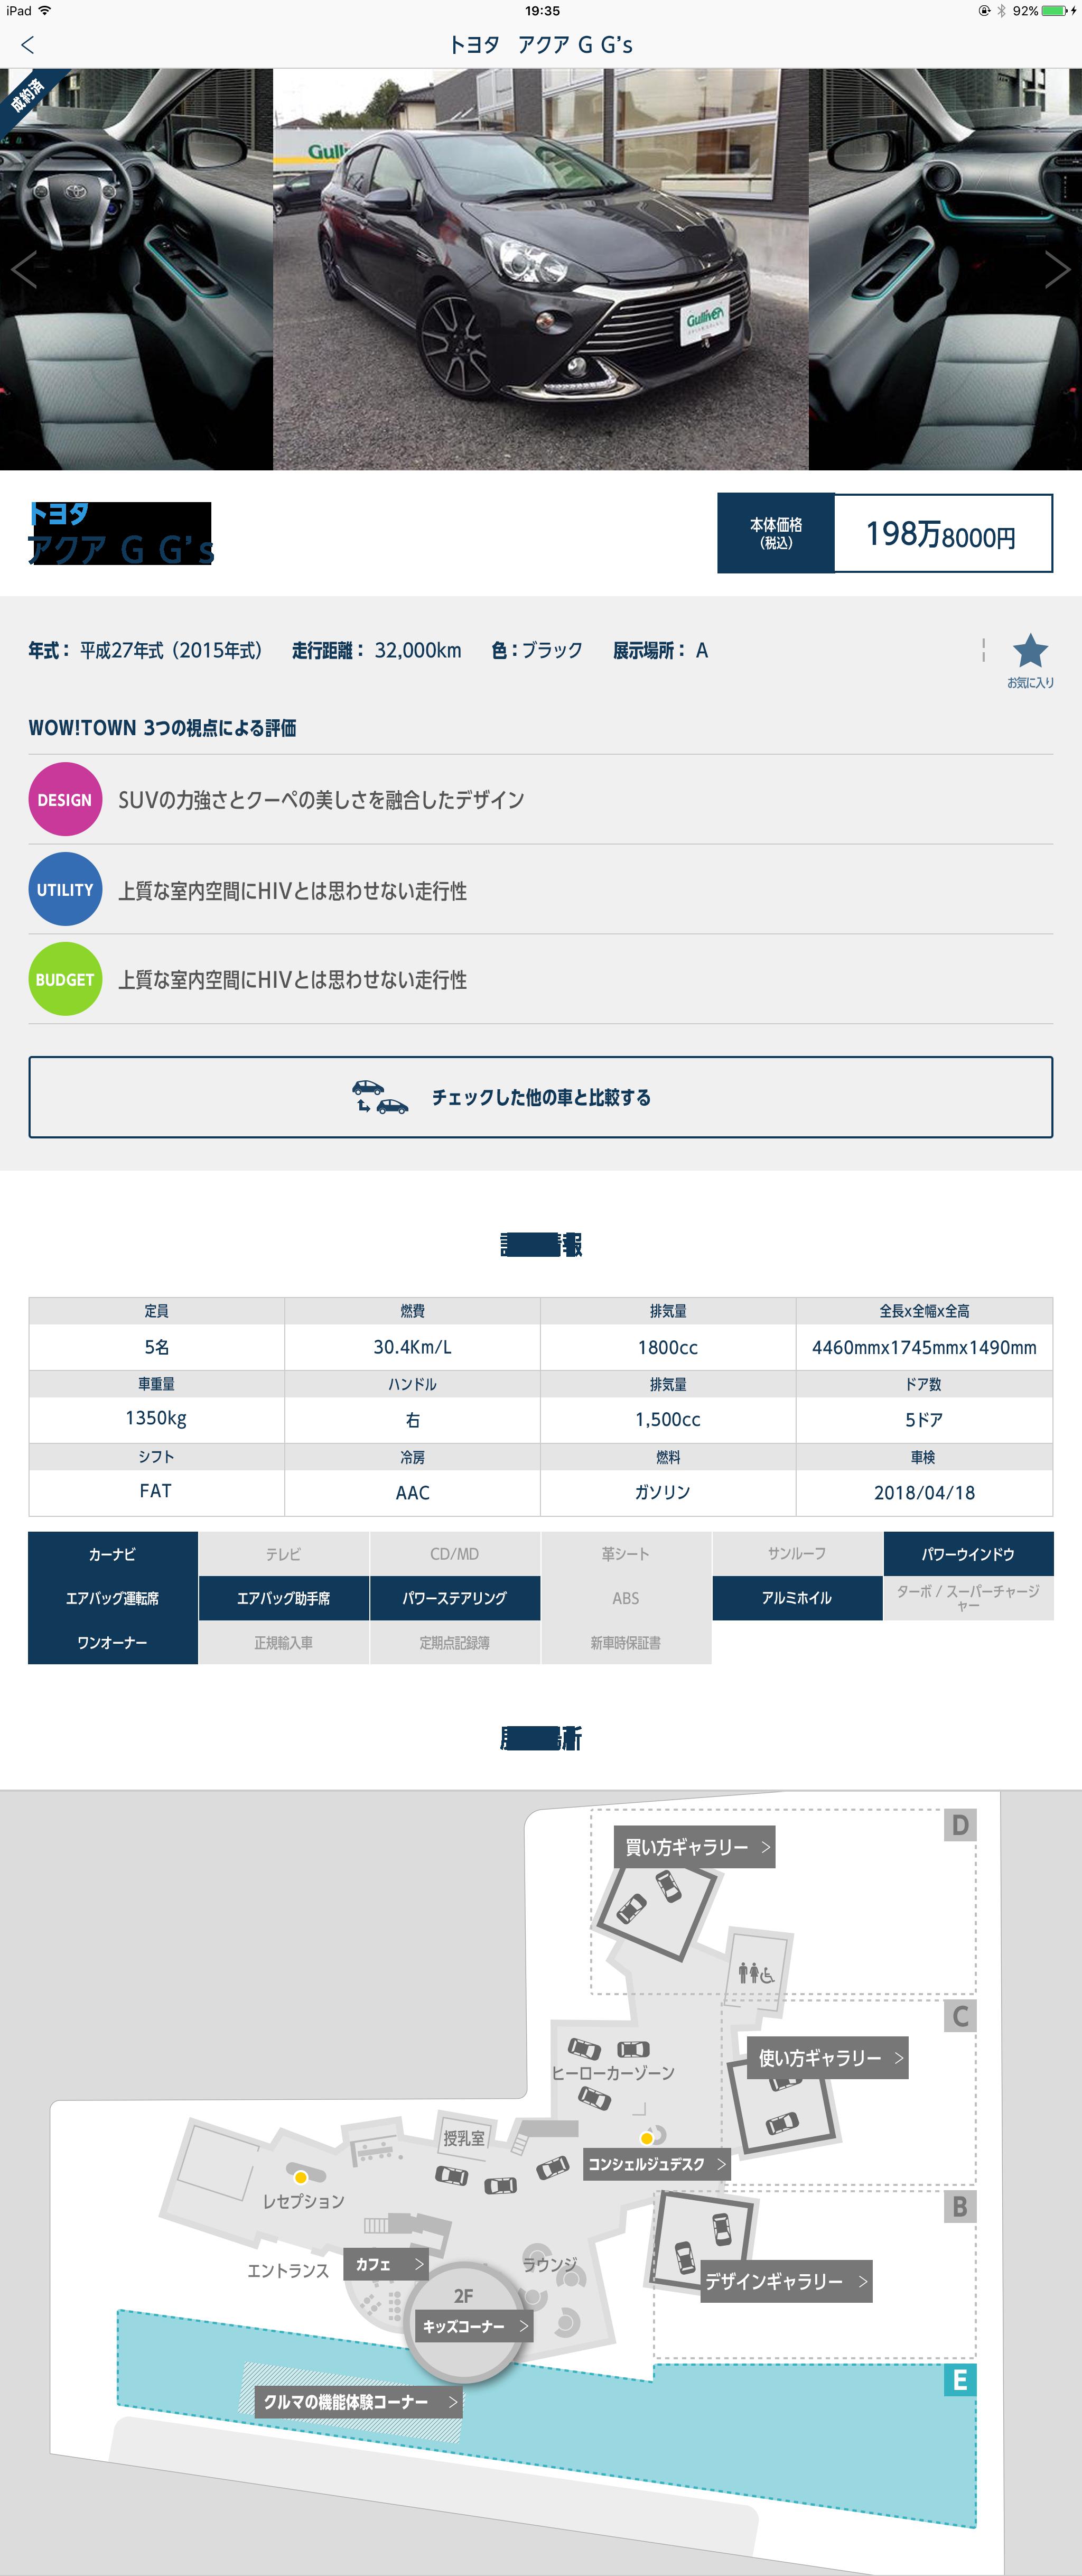 wow_app_2b_details.png#asset:208